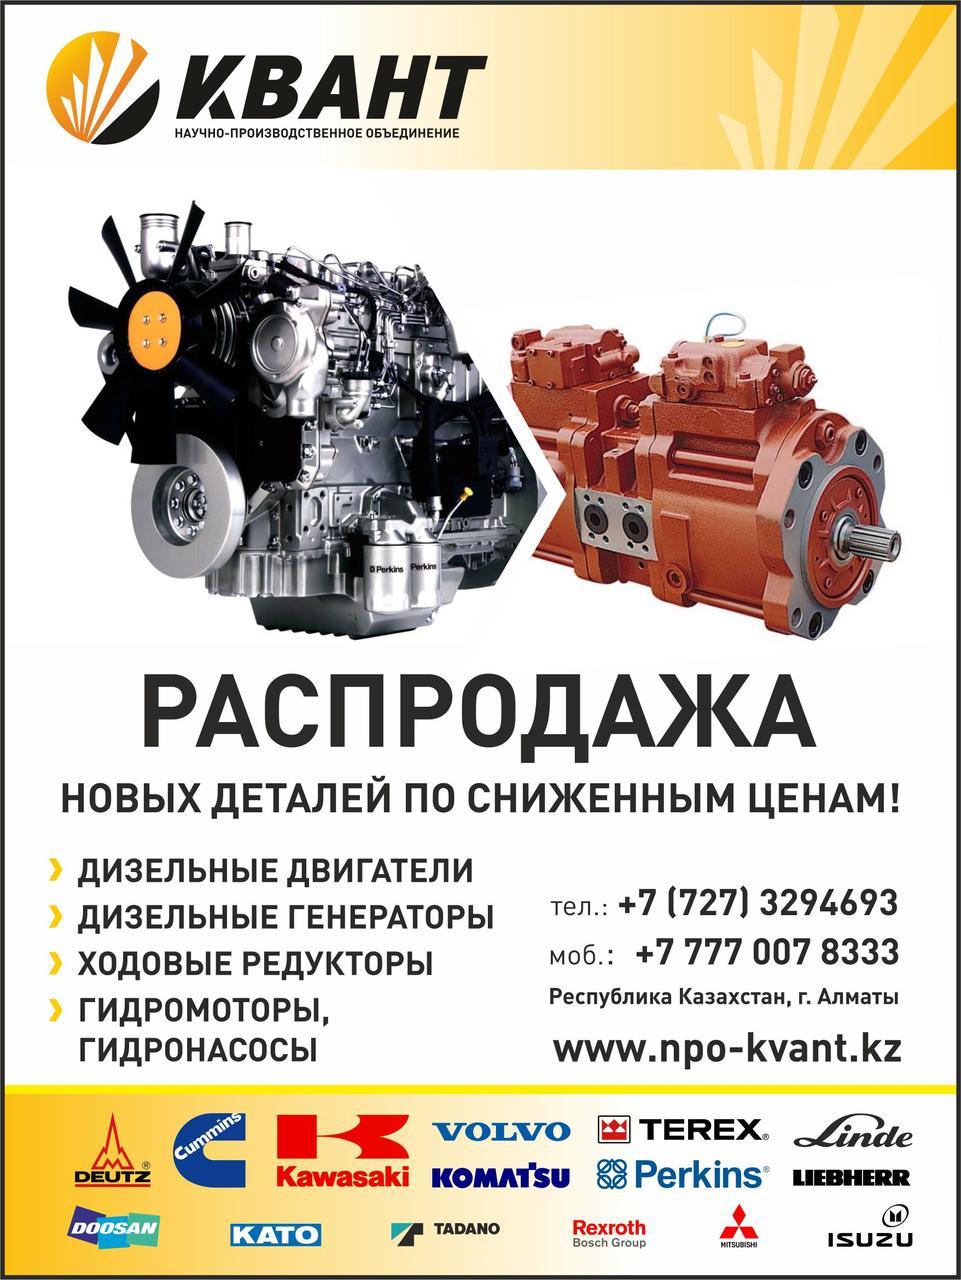 Двигатель Isuzu 6HK1XQA, Isuzu 6HK1XQA-S, Isuzu 6BD1, Isuzu 6HK1, Isuzu 6HK1XQA01, Isuzu 6SA1, Isuzu 6SB1